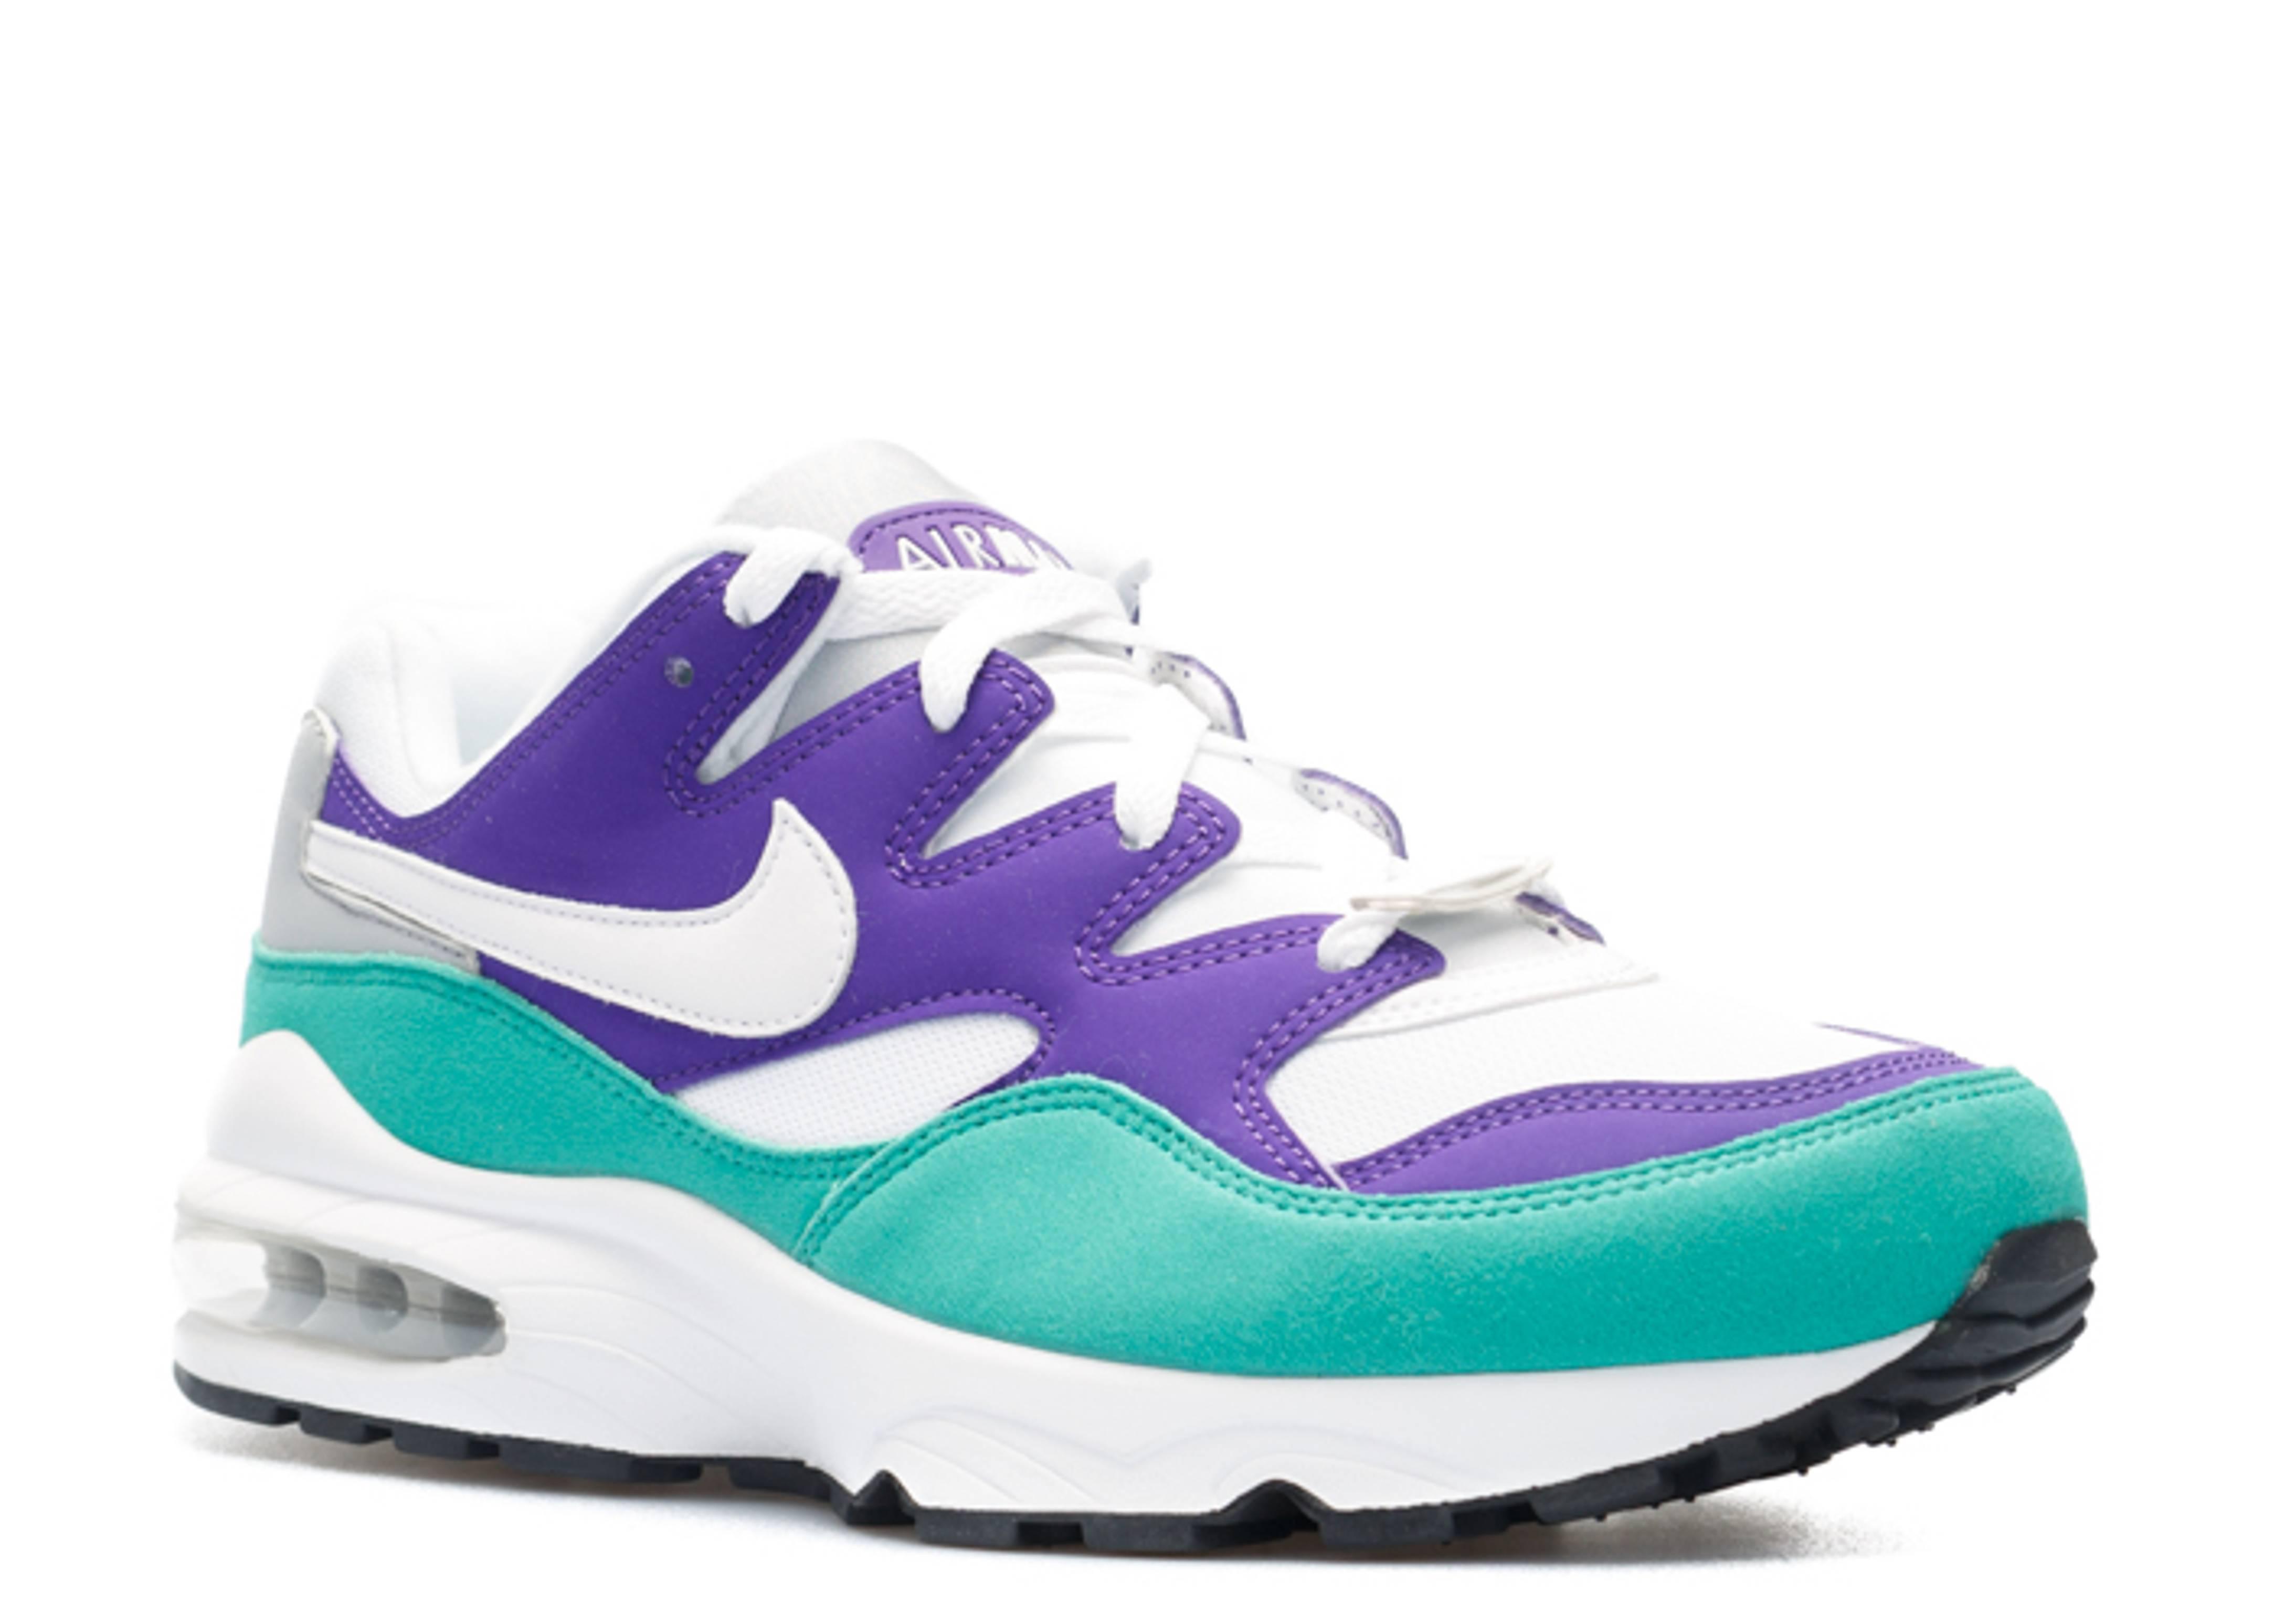 Mens Nike Air Max 94 Trainers 747997 513 UK 10 EUR 45 US 11